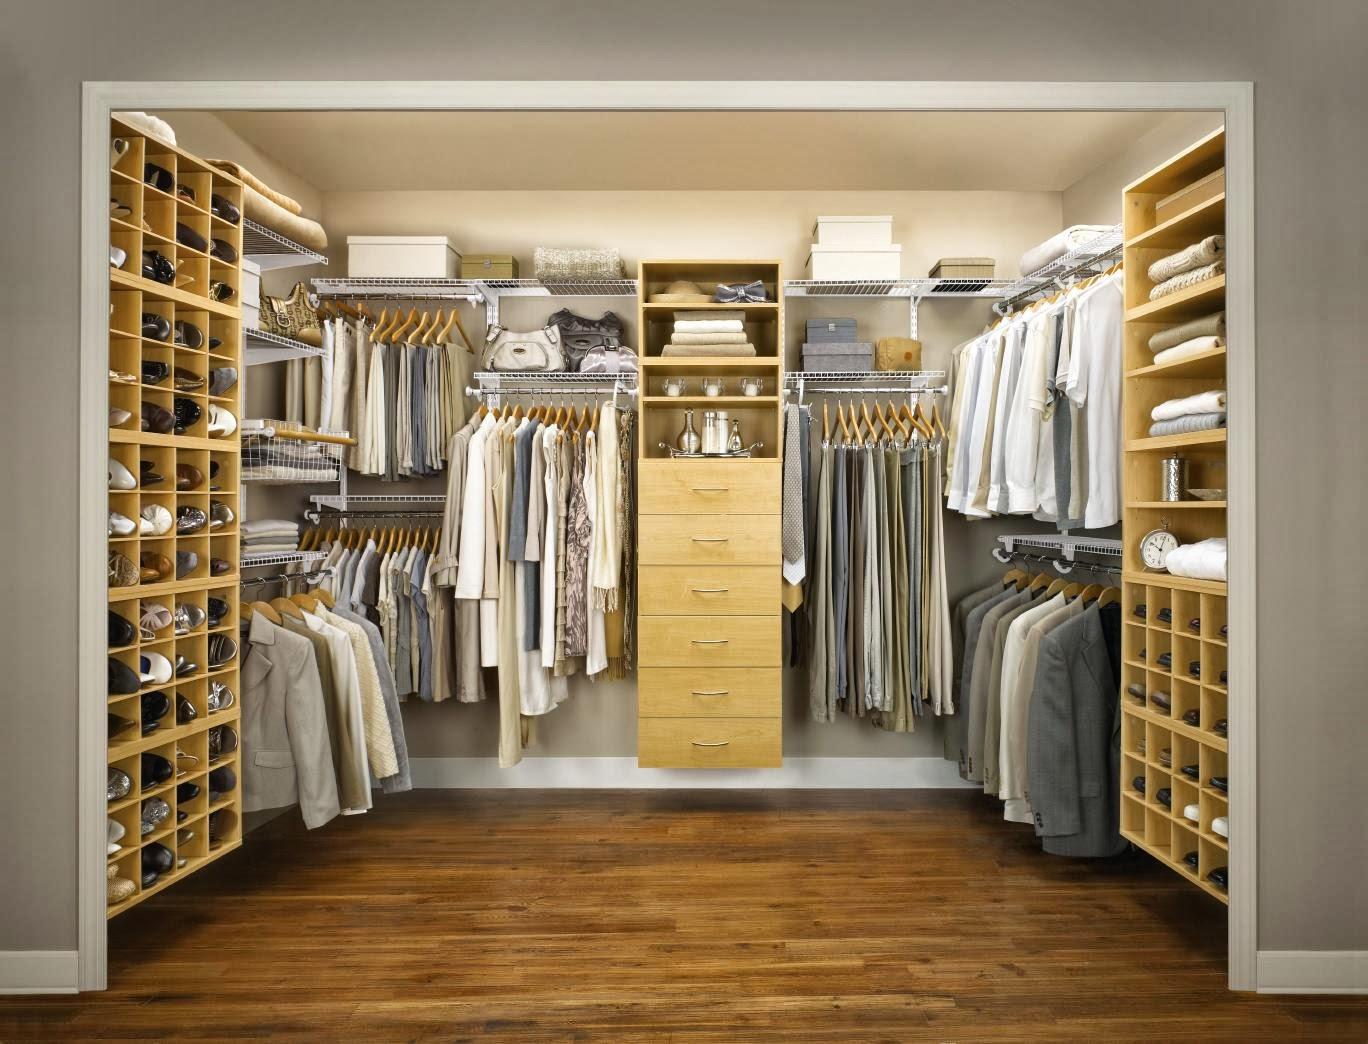 Stunning bedroom closet